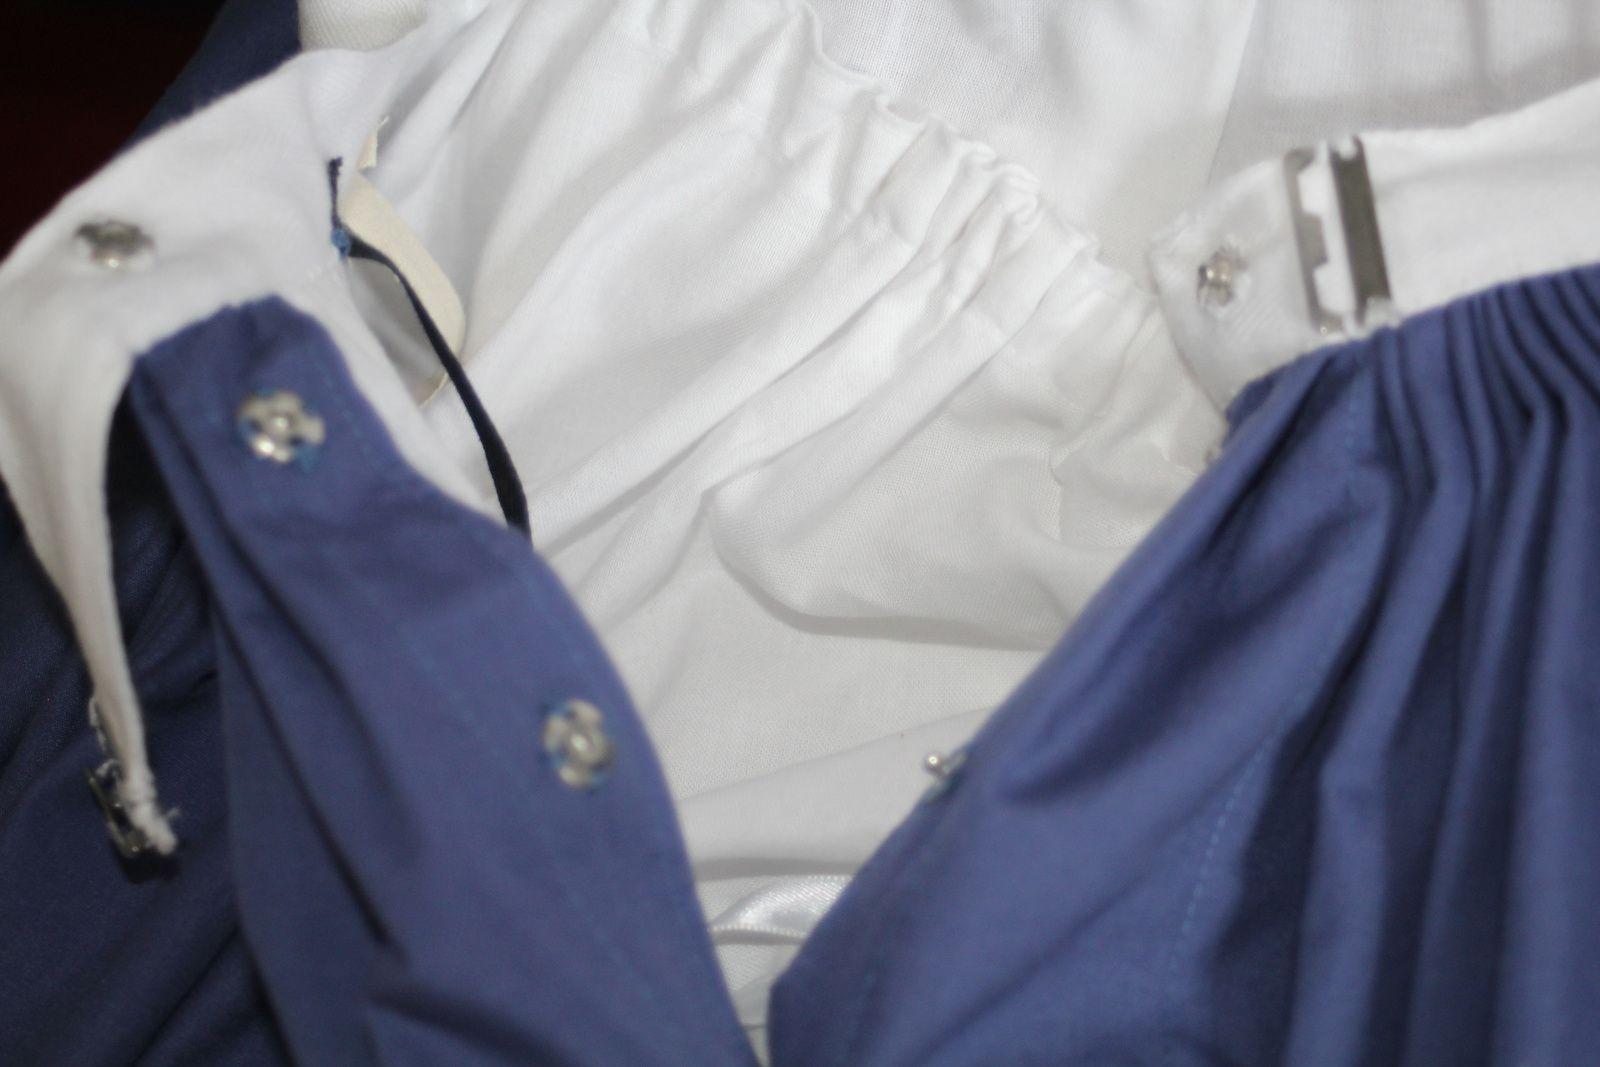 Tenue victorienne: La jupe, détails / Victorian Outfit: The skirt, details